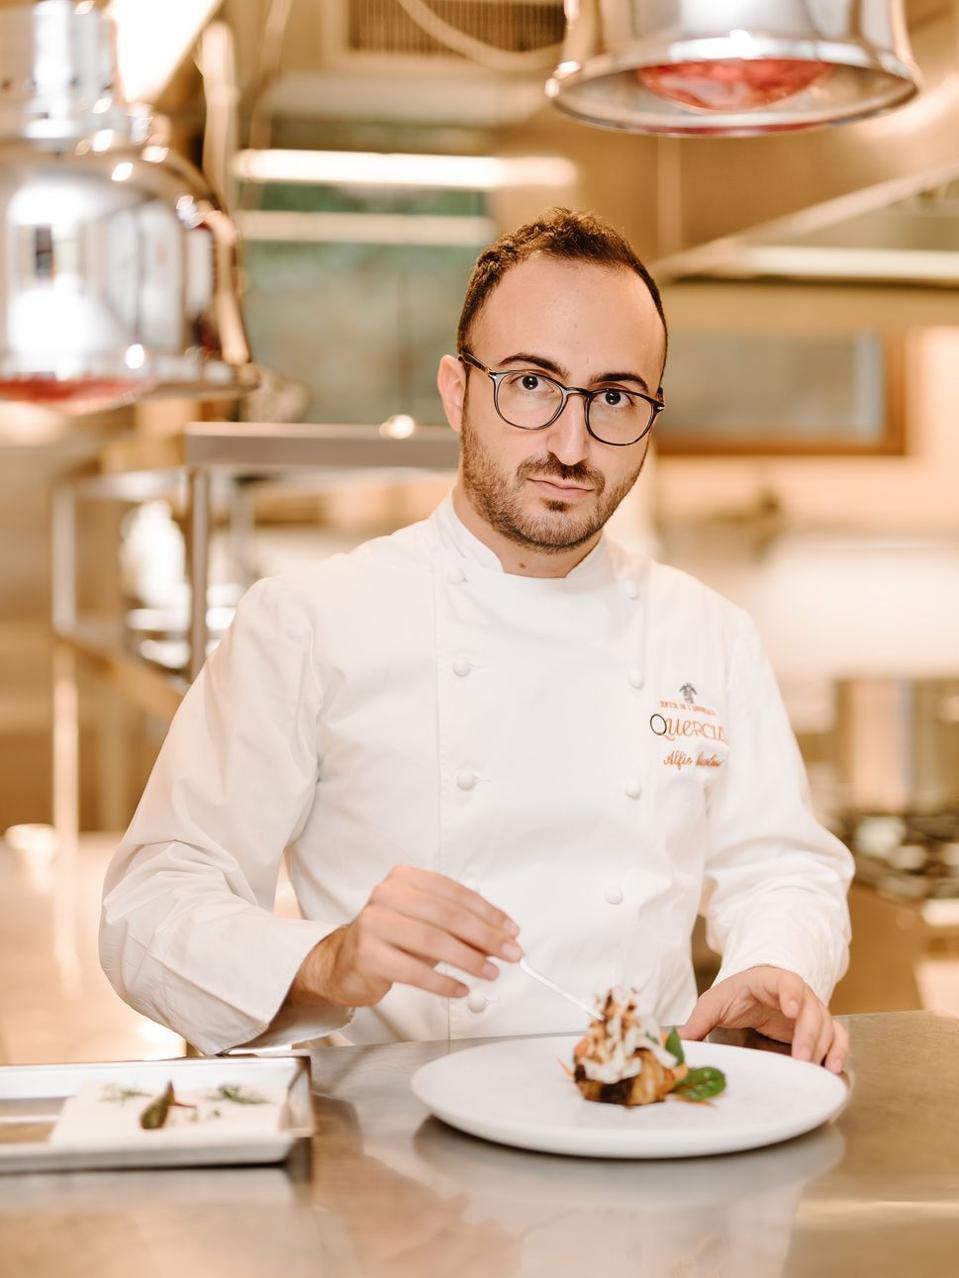 Alfio Nicolosi - Chef at Restaurant Quercus